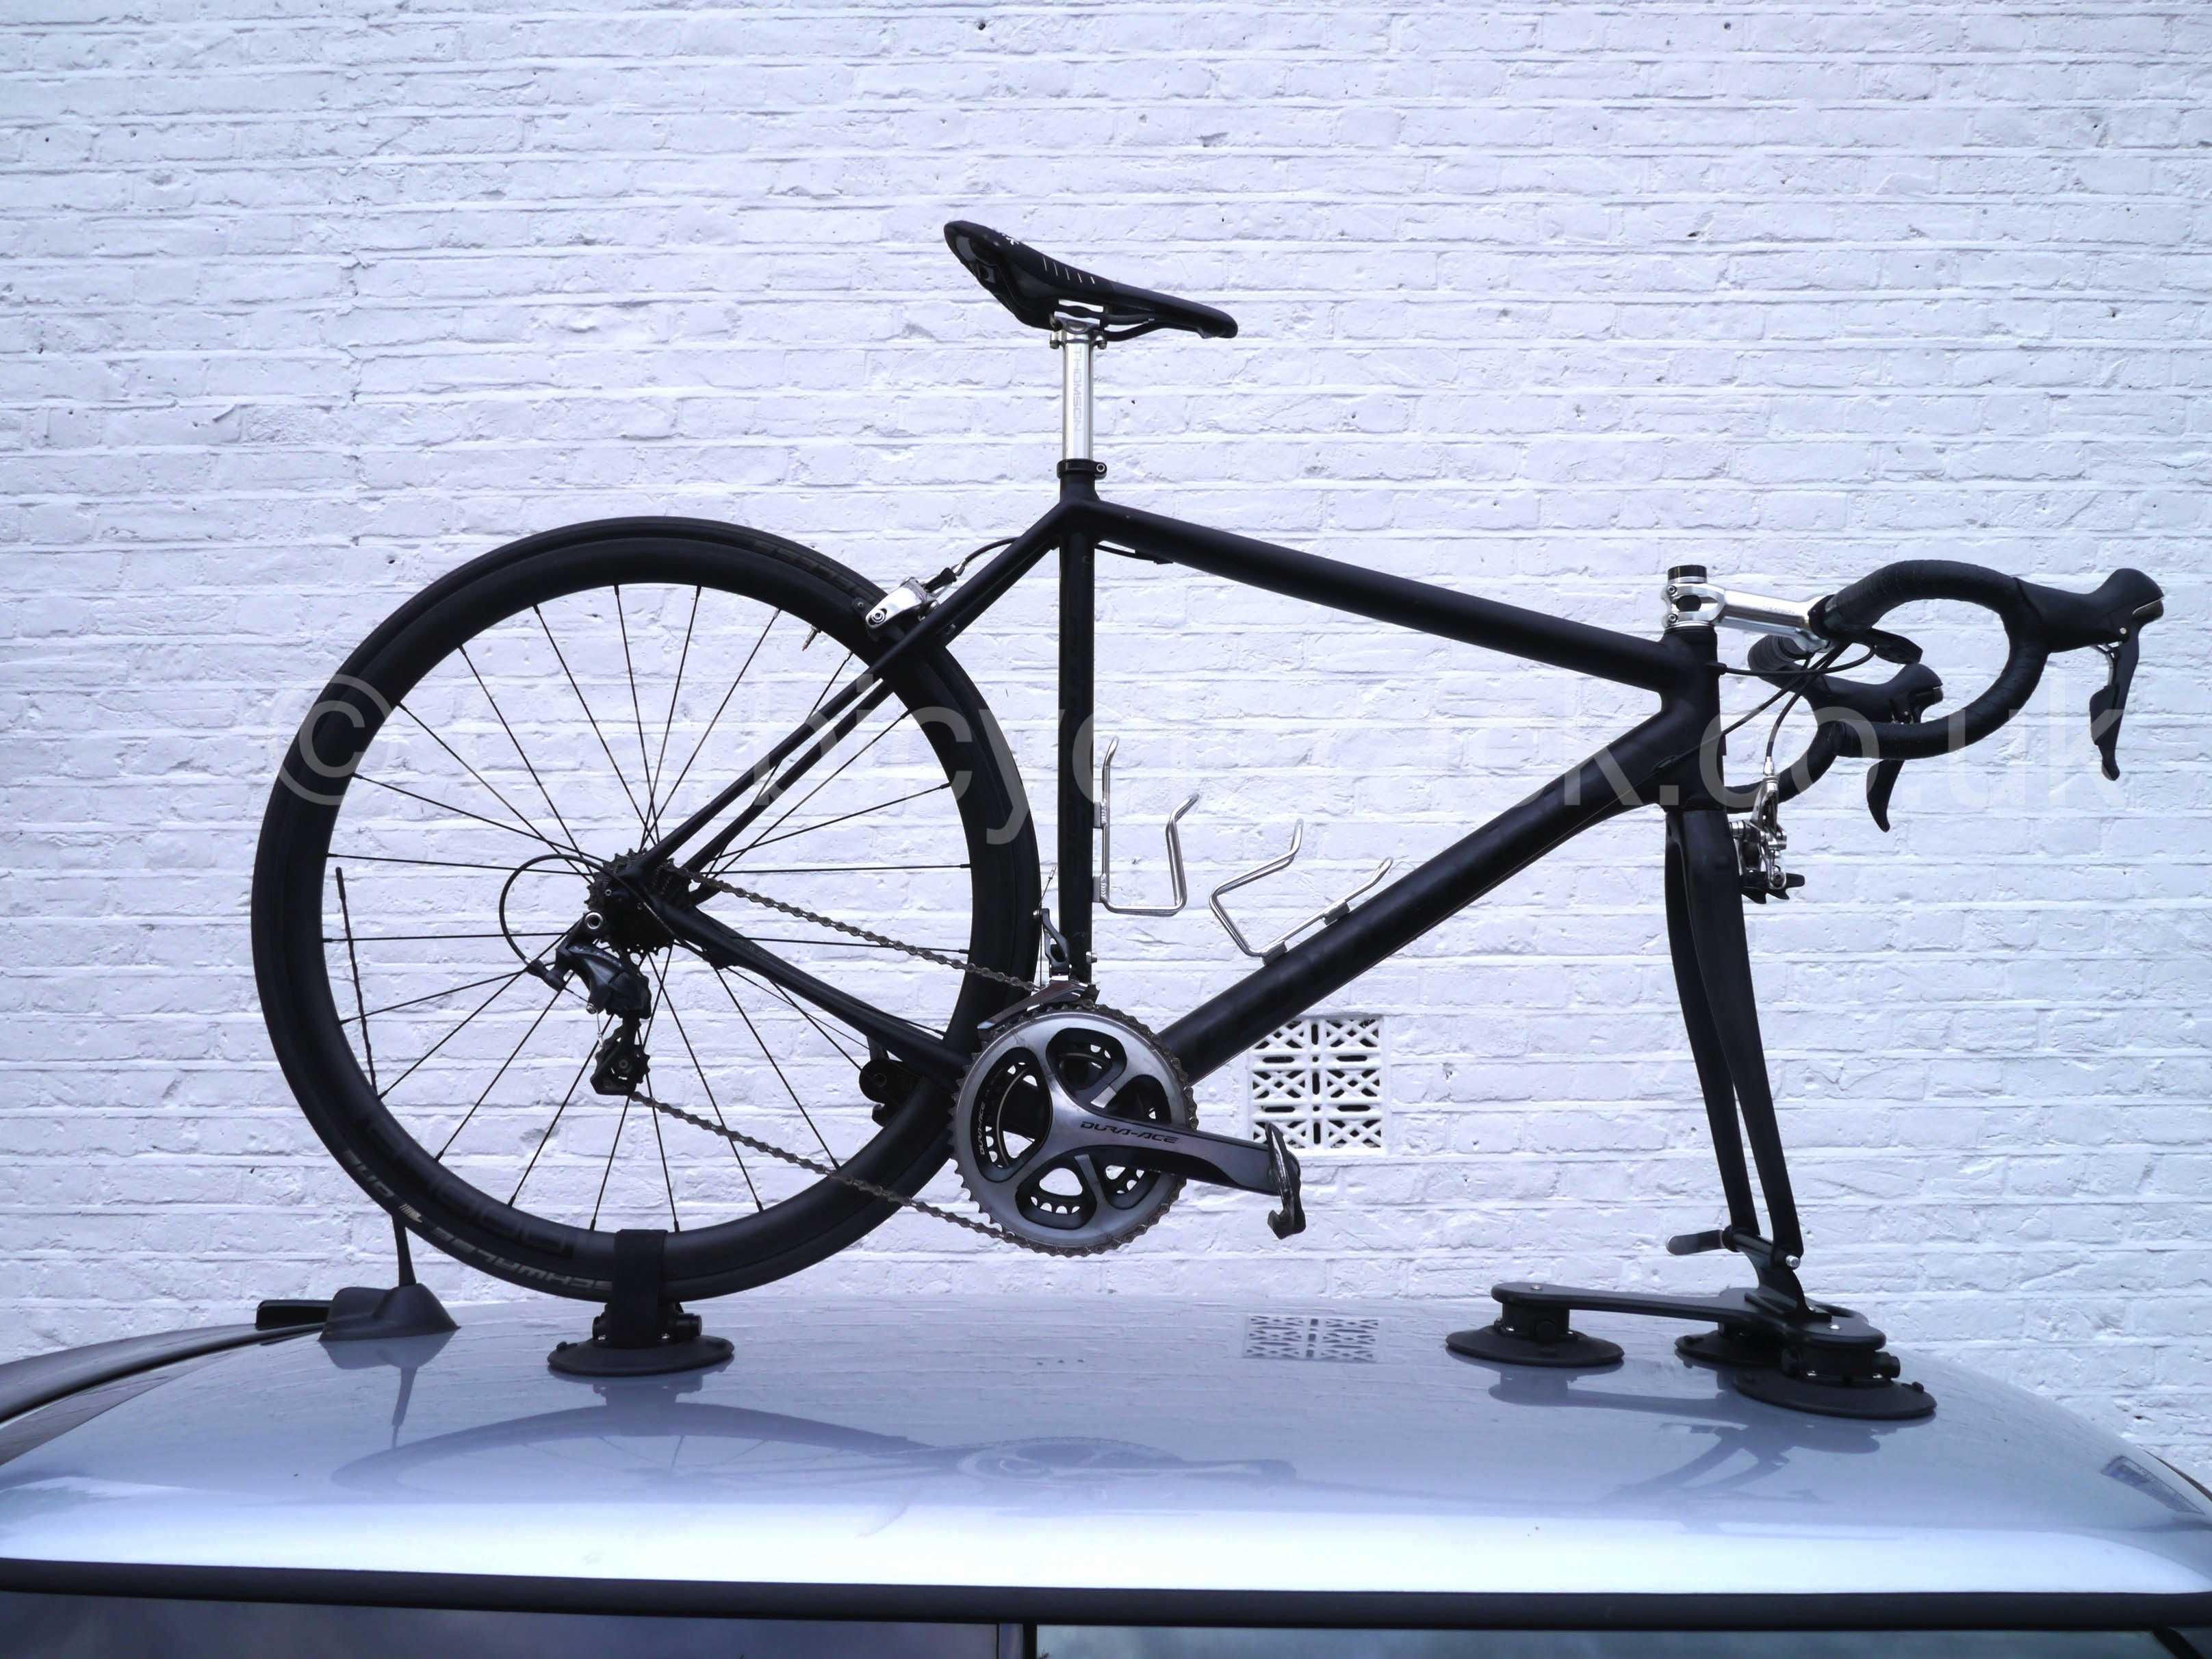 lotus evora bike rack no bolts clips straps or bars. Black Bedroom Furniture Sets. Home Design Ideas